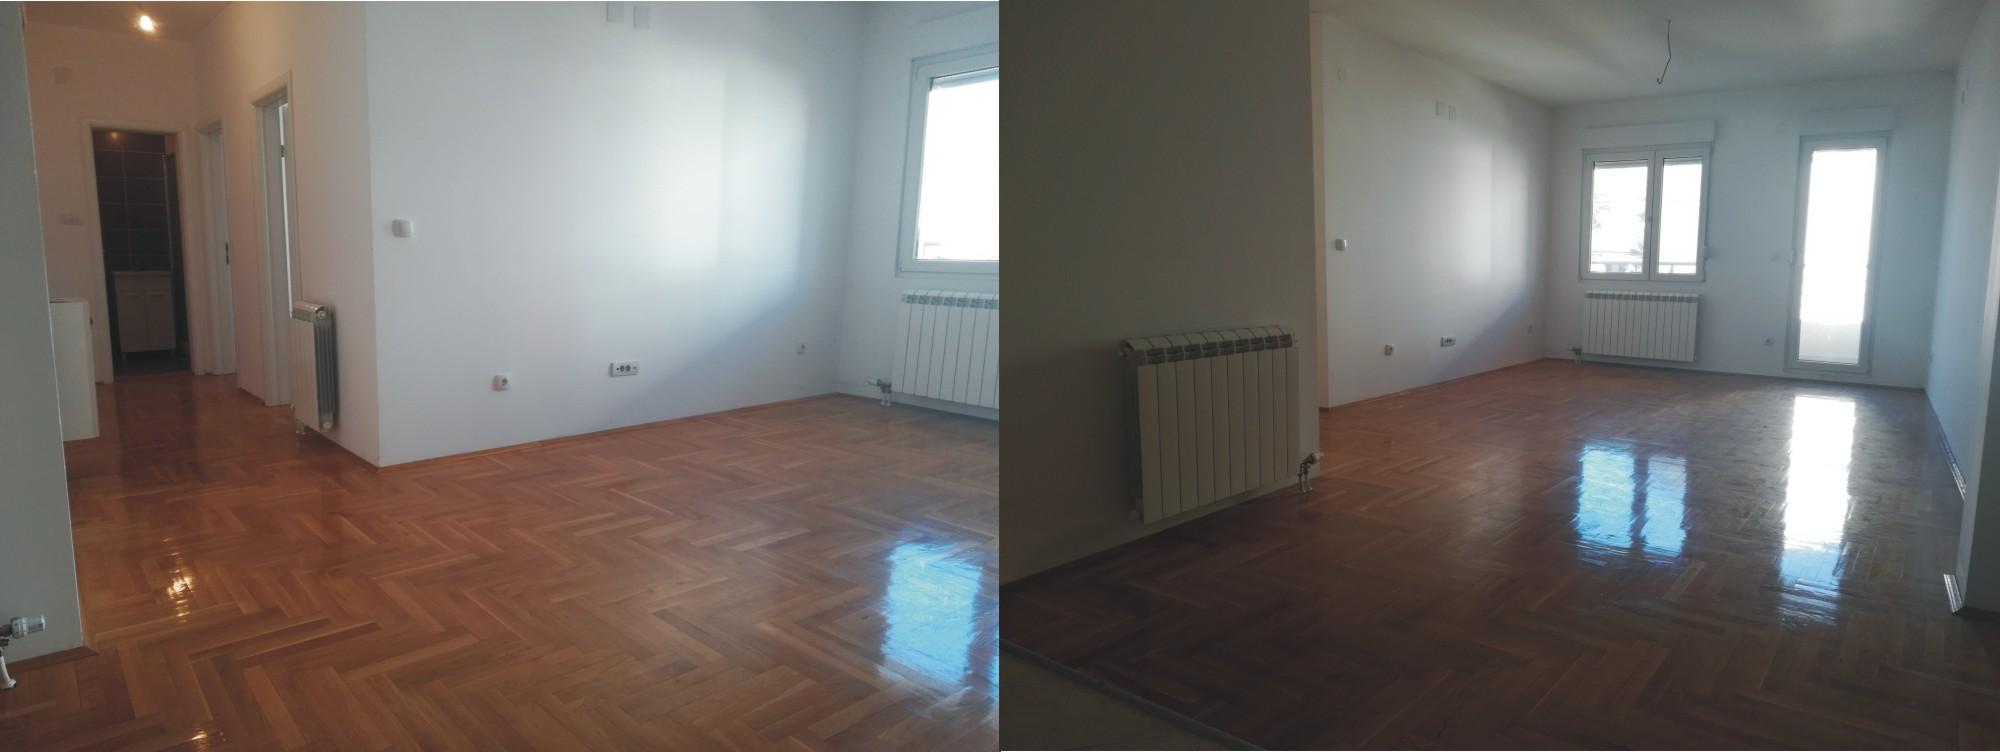 Prodaja stana 65 m2 Denkova basta dvoiposoban I sprat